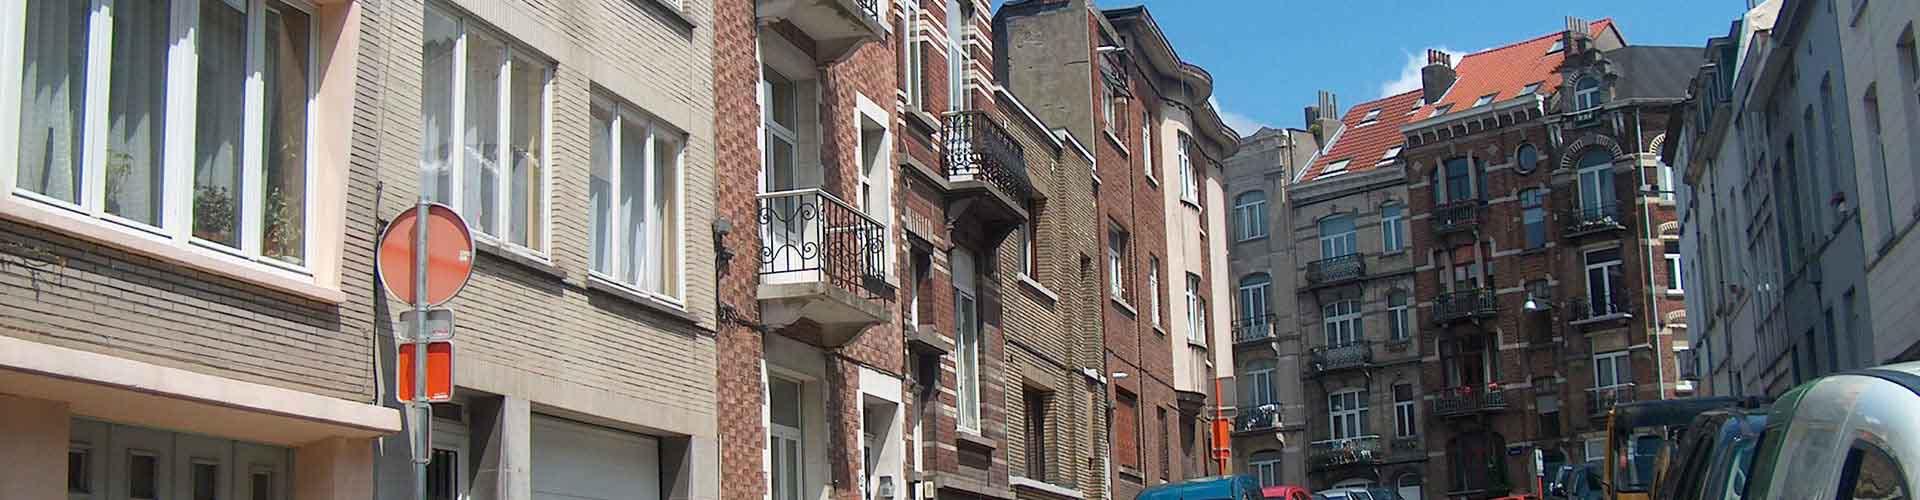 Bruselas - Apartamentos en el distrito Saint-Josse-ten-Noode. Mapas de Bruselas, Fotos y comentarios de cada Apartamento en Bruselas.